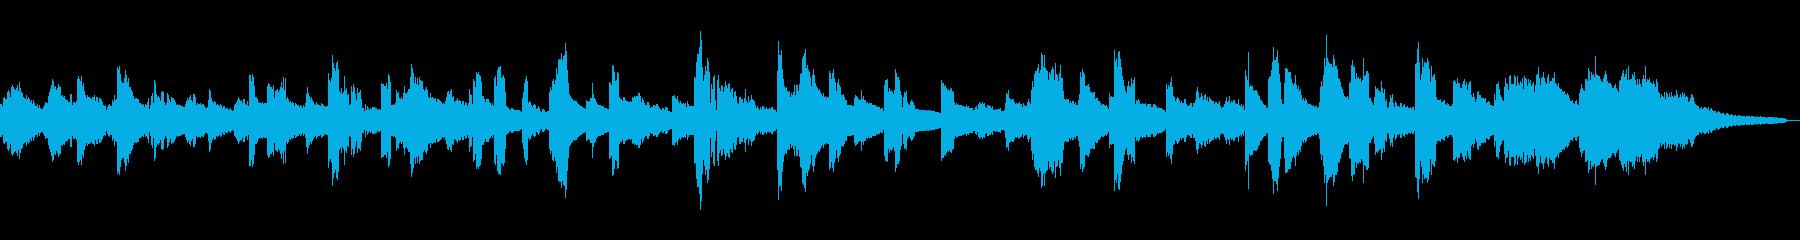 ジャジーな雰囲気のローズエレピの再生済みの波形